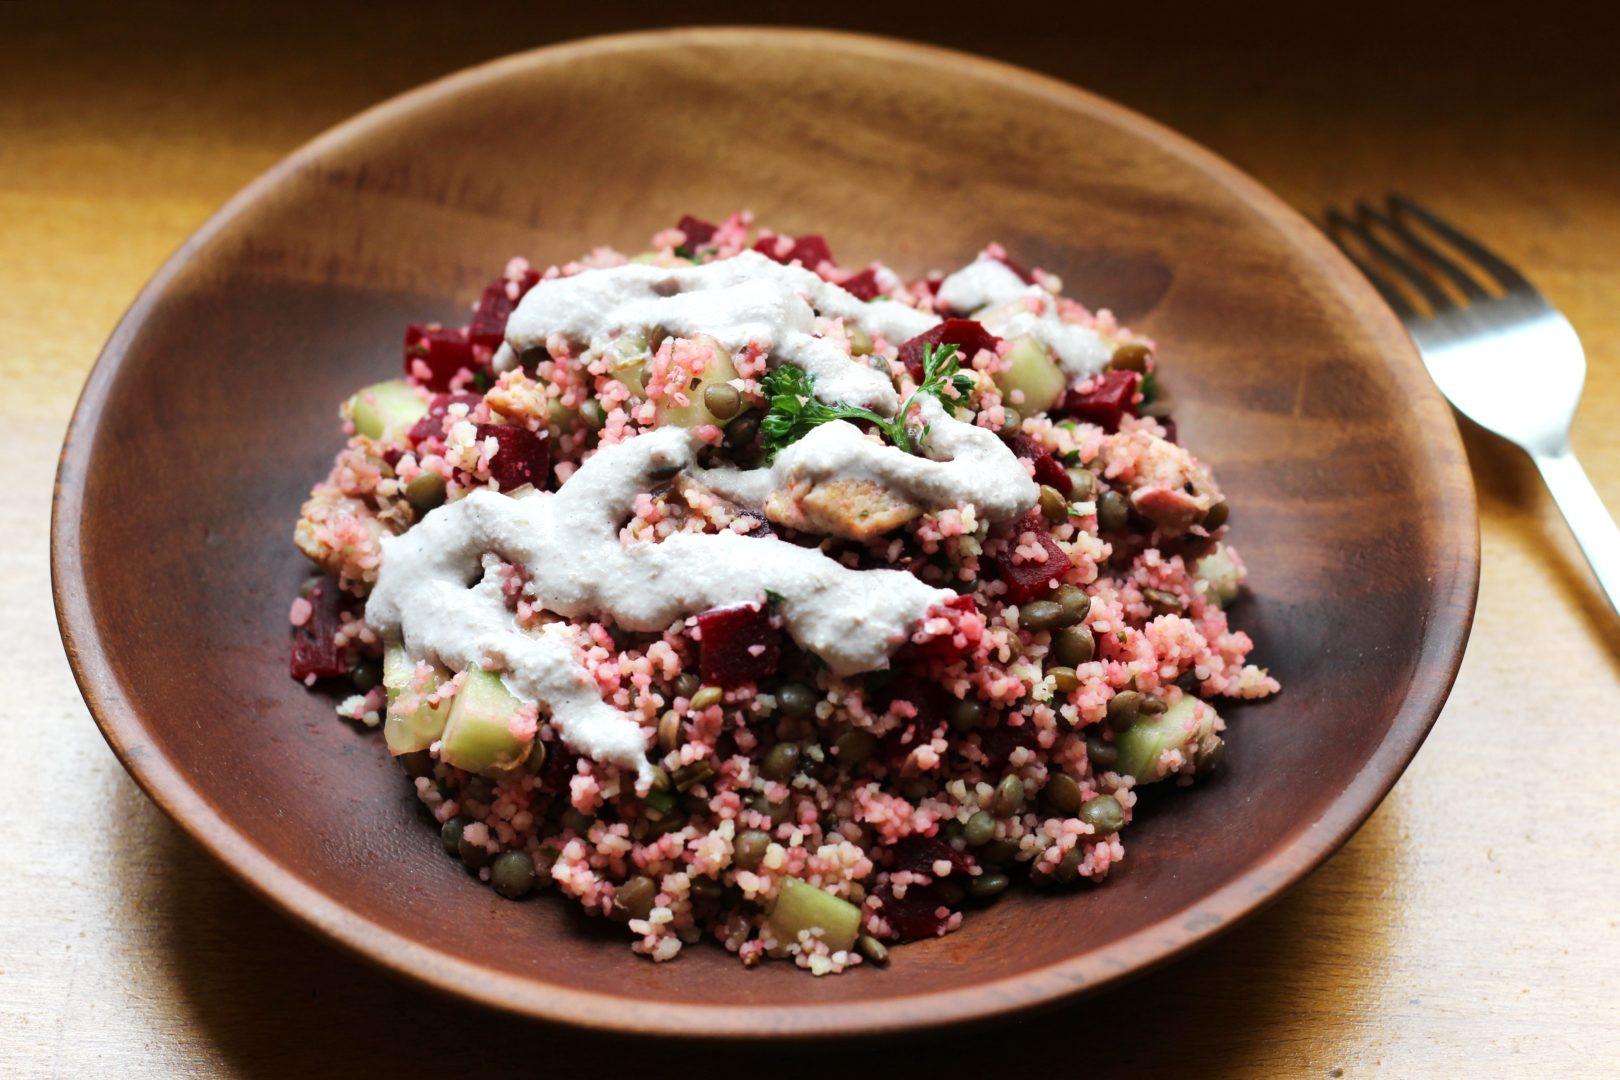 Salade de lentilles vertes au cumin, semoule, dés de poulet et crudités